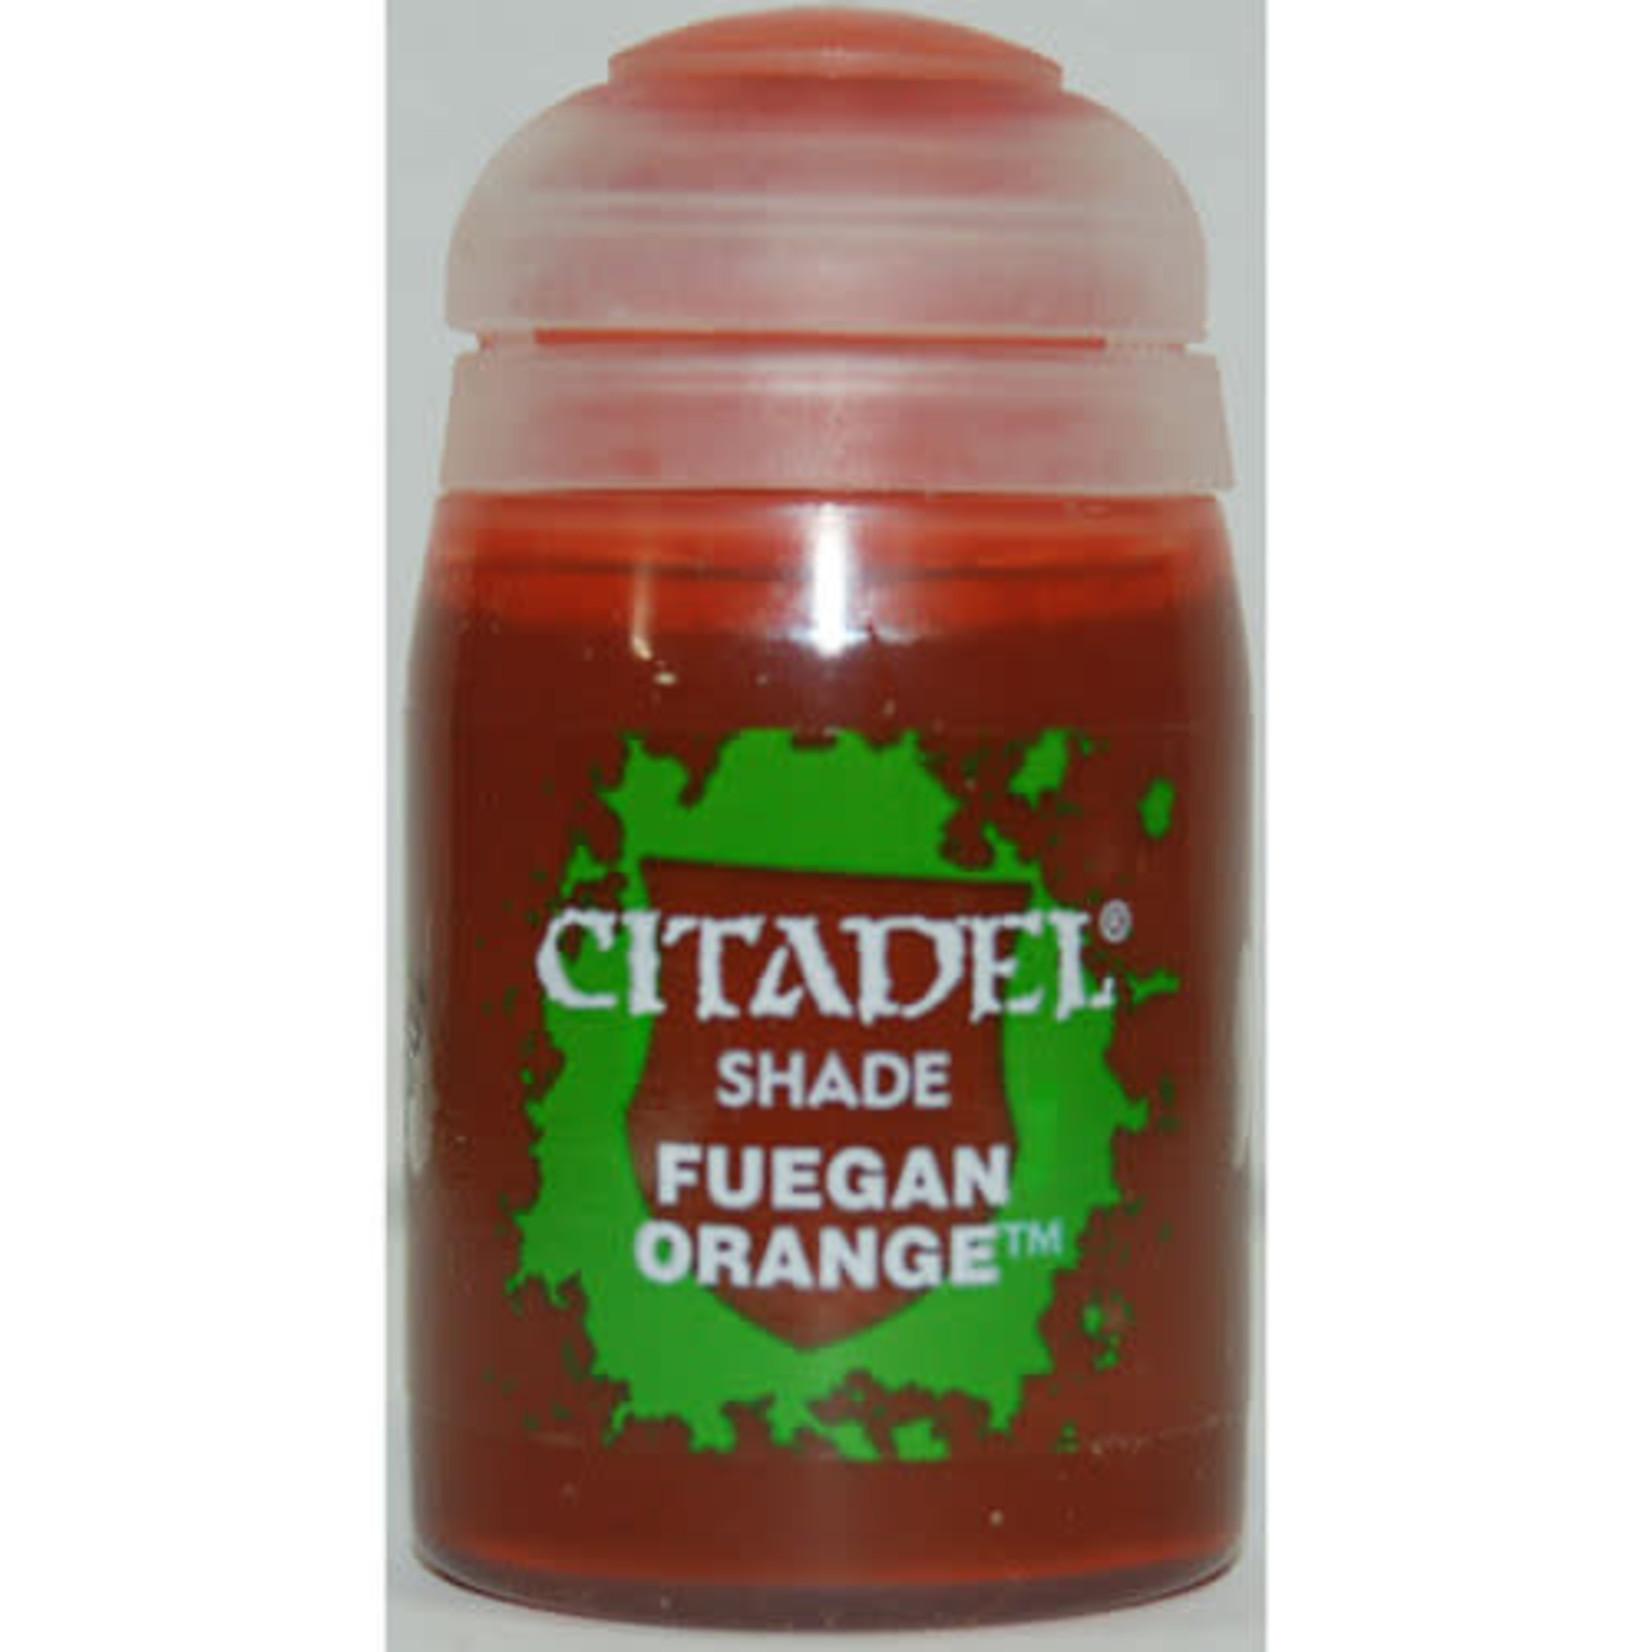 Citadel Citadel Paint - Shade: Fuegan Orange